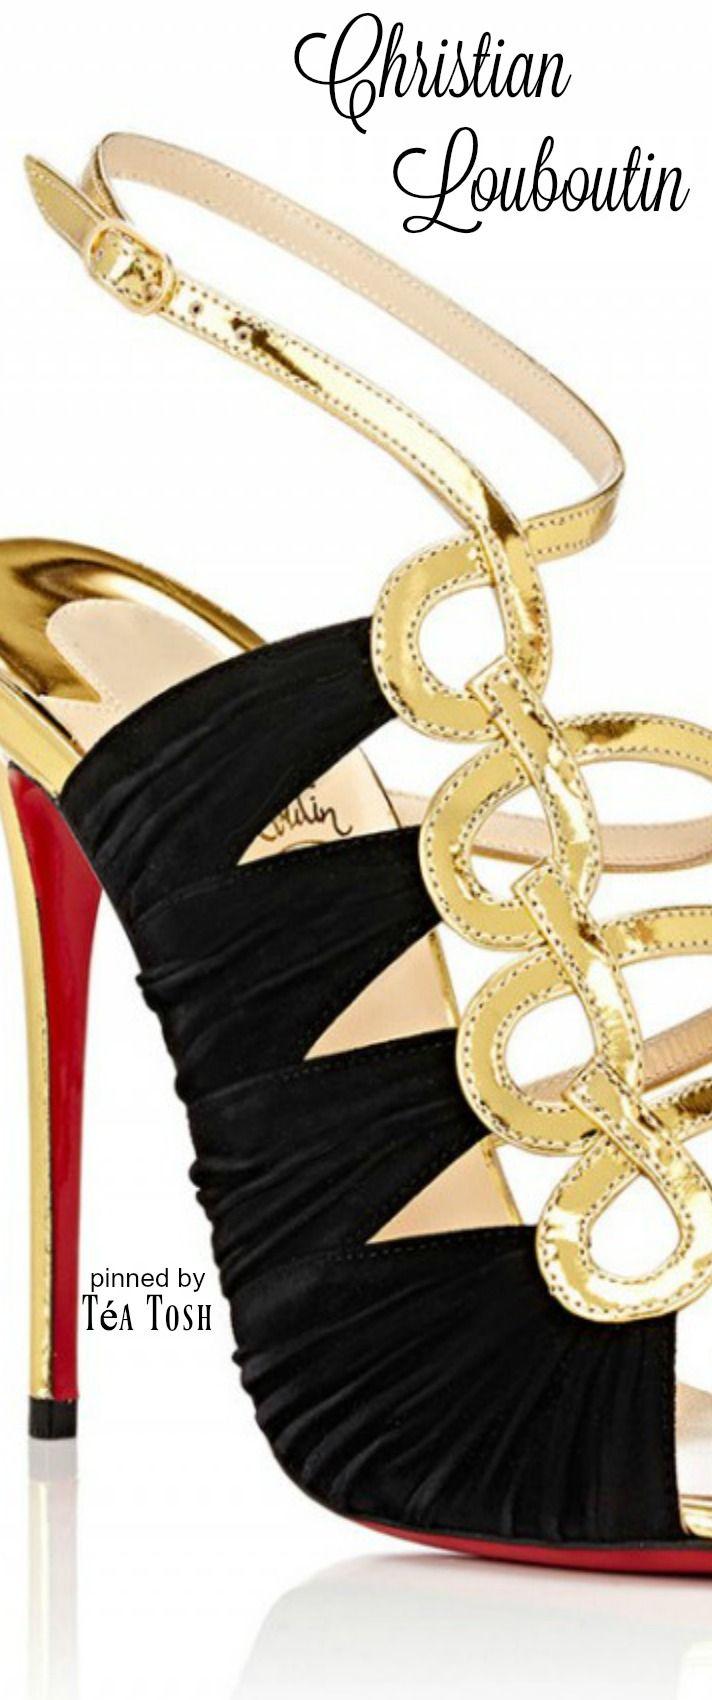 ❈Téa Tosh❈Louboutin #moda #fashion #cuero #leather #leathergoods #marroquineria #zapatos #shoes #estilo #style #lifestyle #bolsos #bags